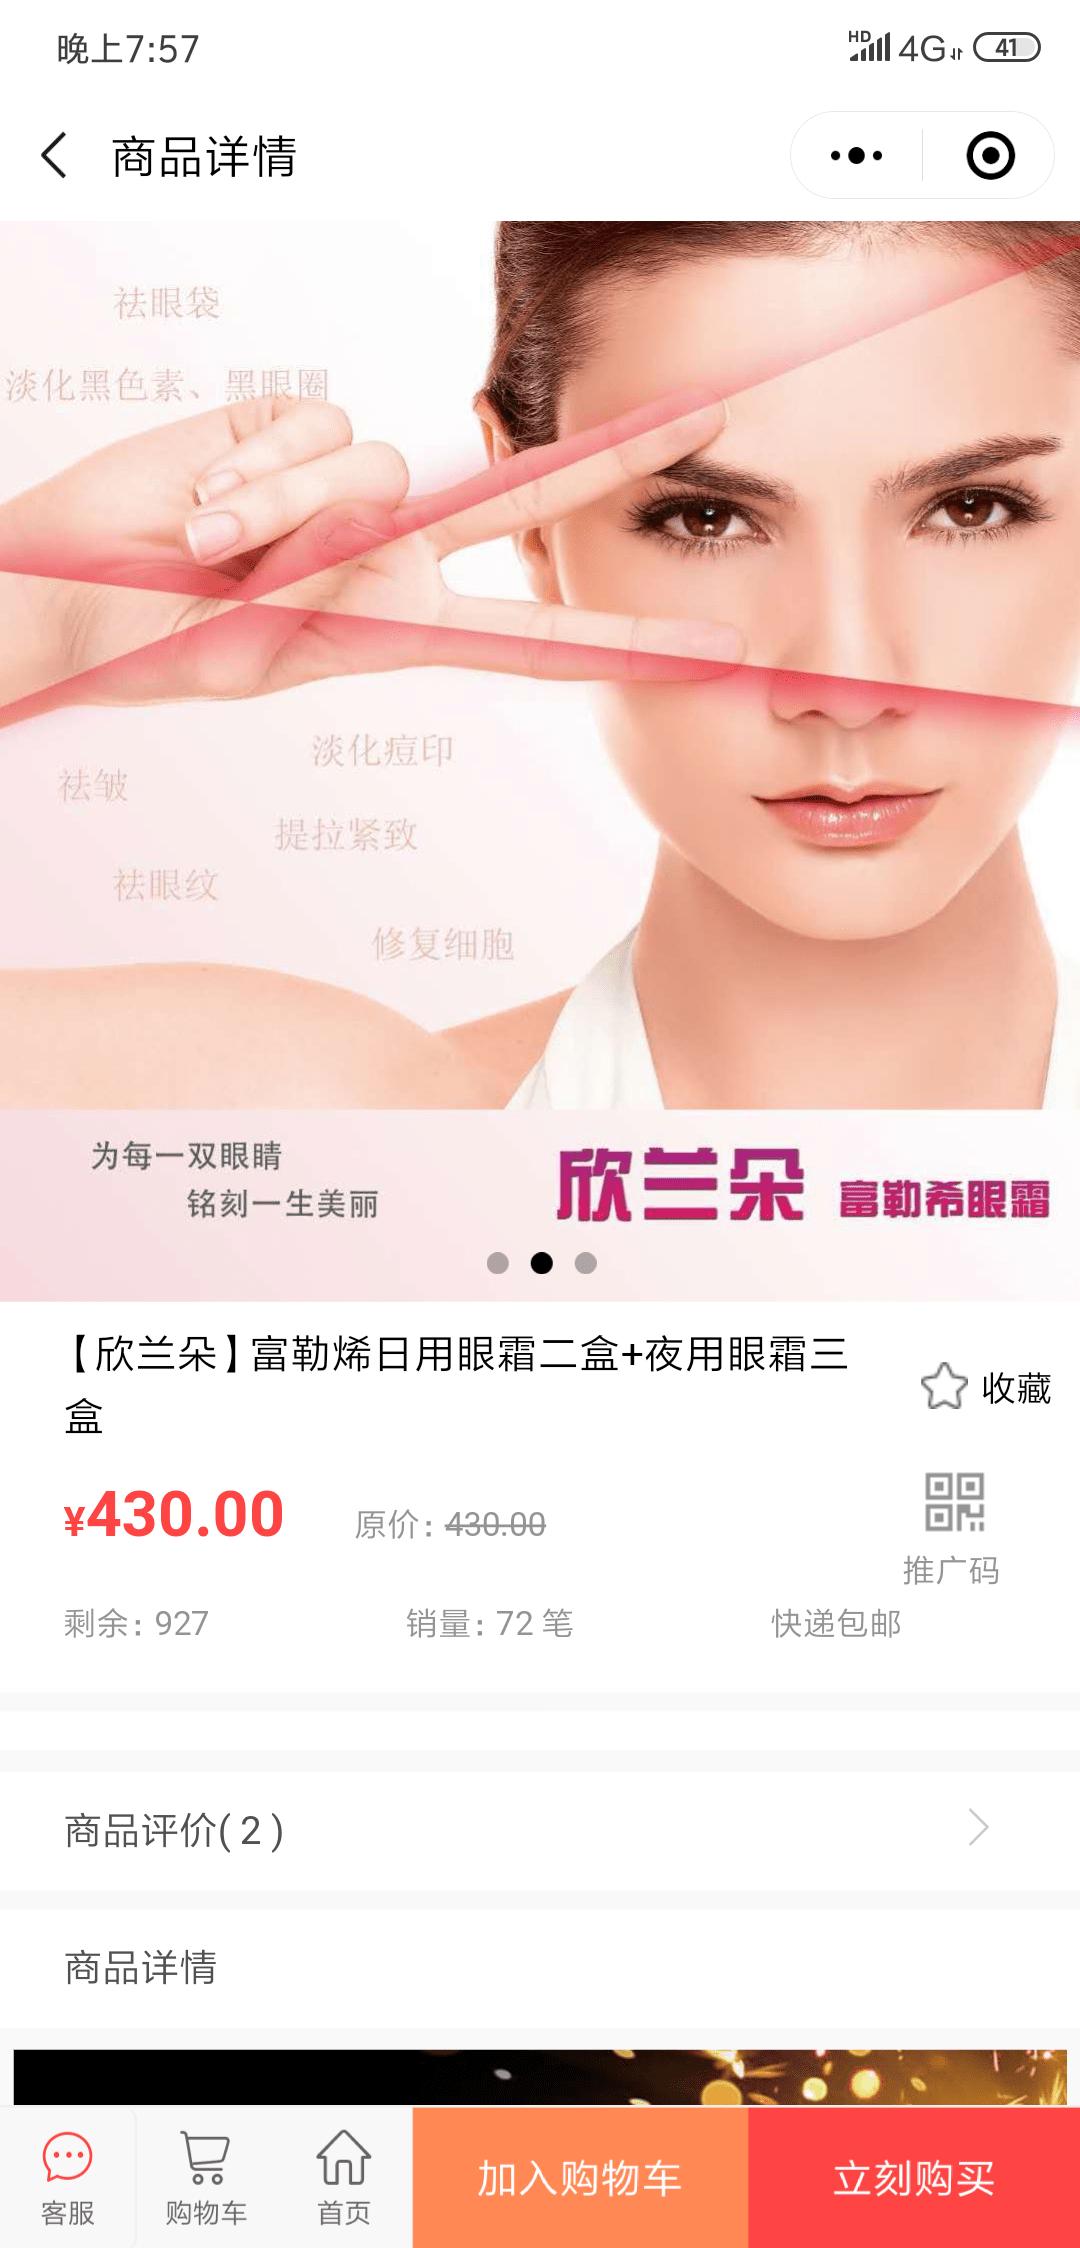 微信瑞萱購物商城小程序效果圖預覽